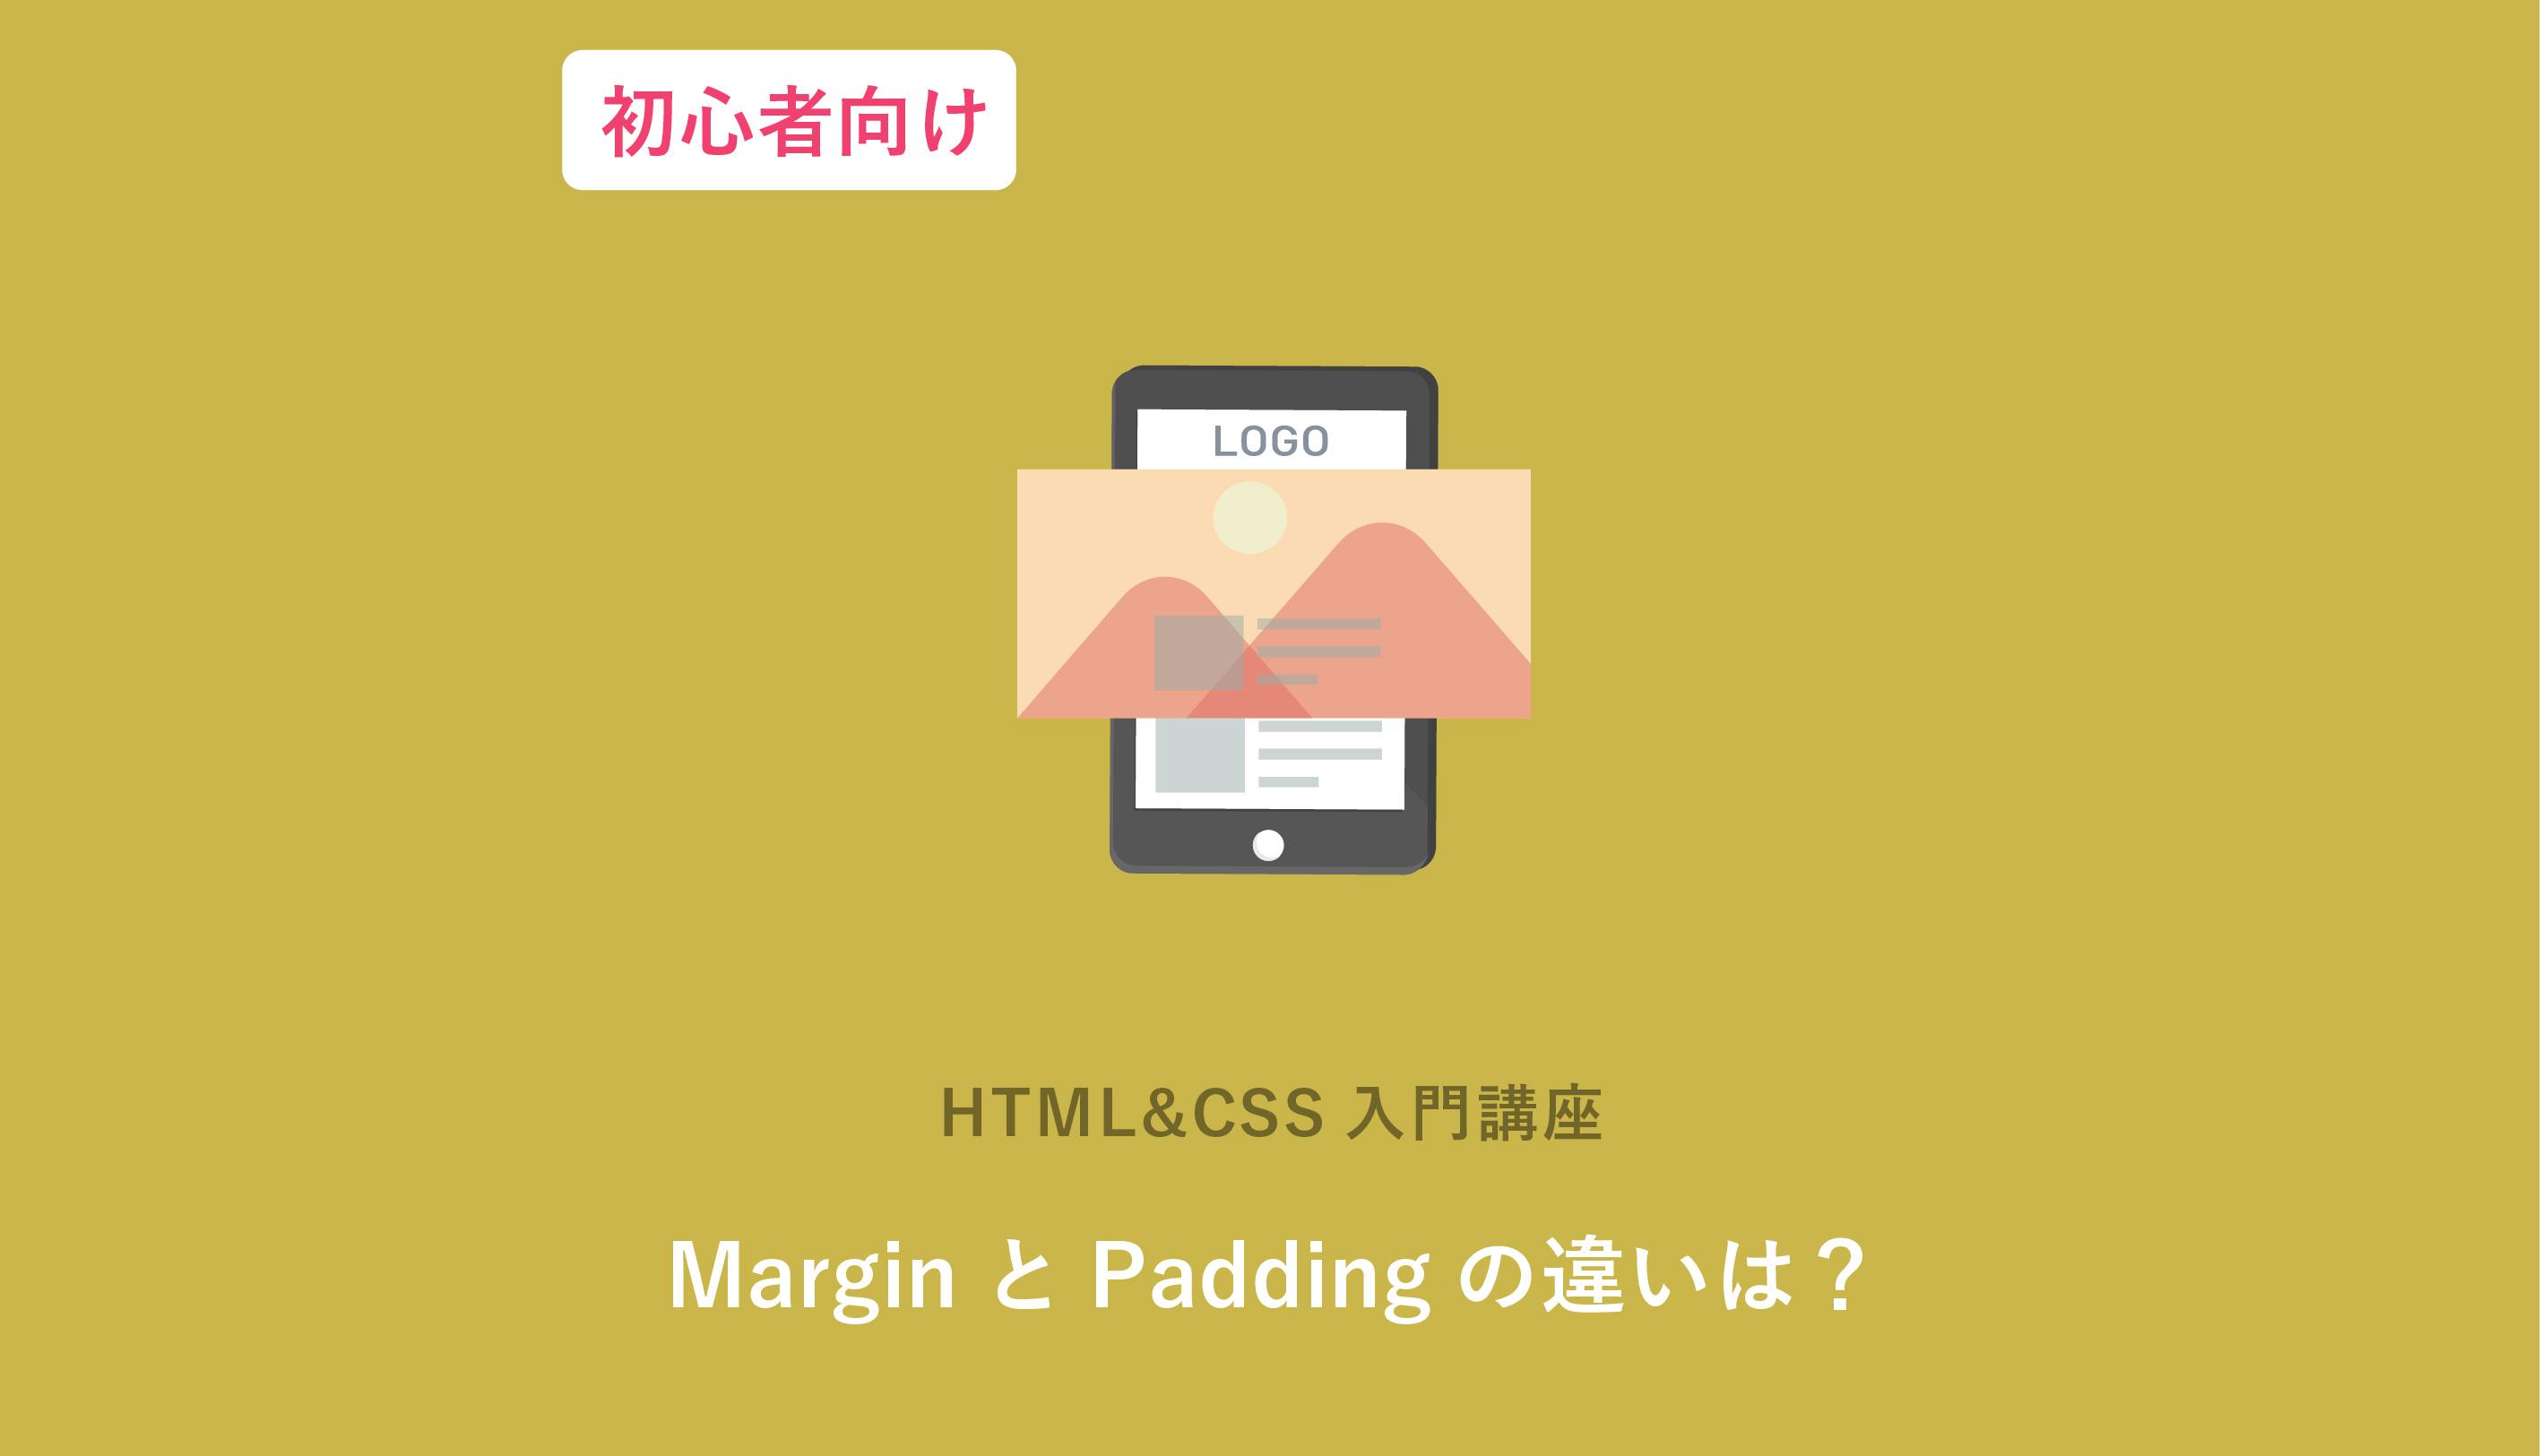 余白を作る CSS「paddingとmargin」の使い分け方【徹底解説】